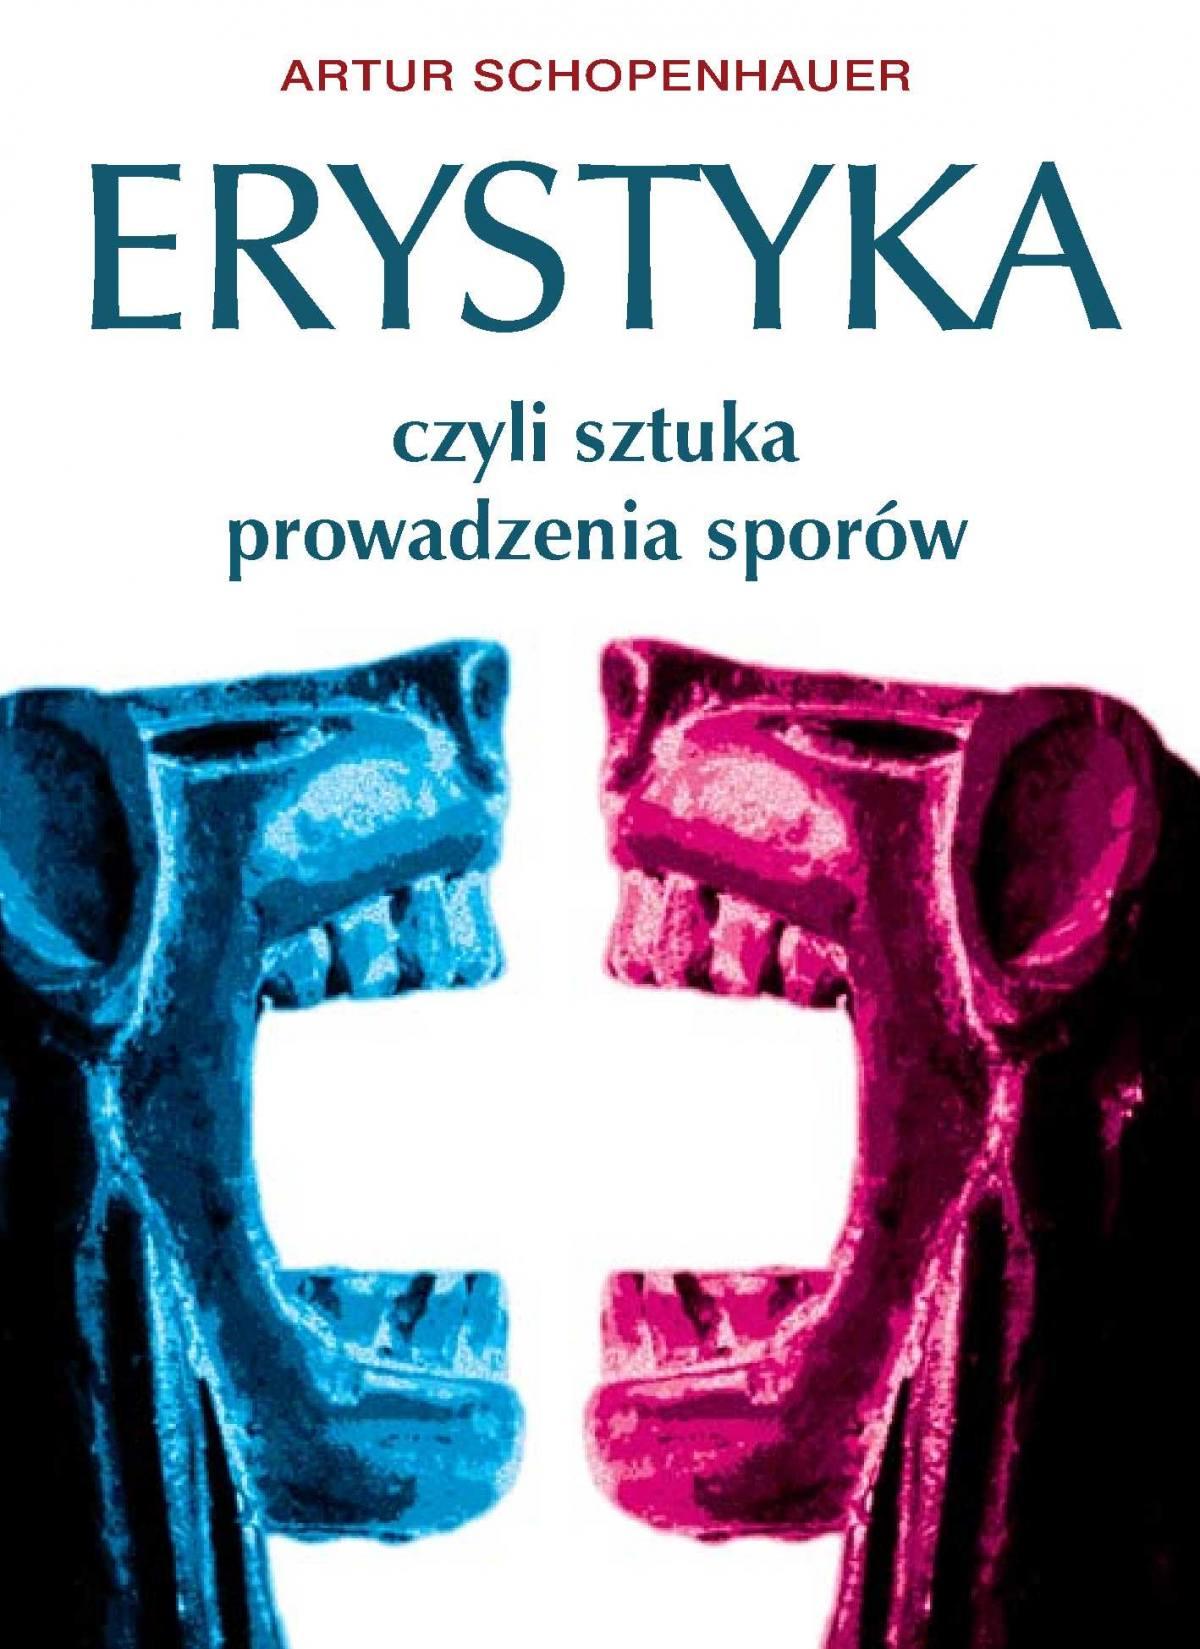 Erystyka, czyli sztuka prowadzenia sporów - Ebook (Książka PDF) do pobrania w formacie PDF